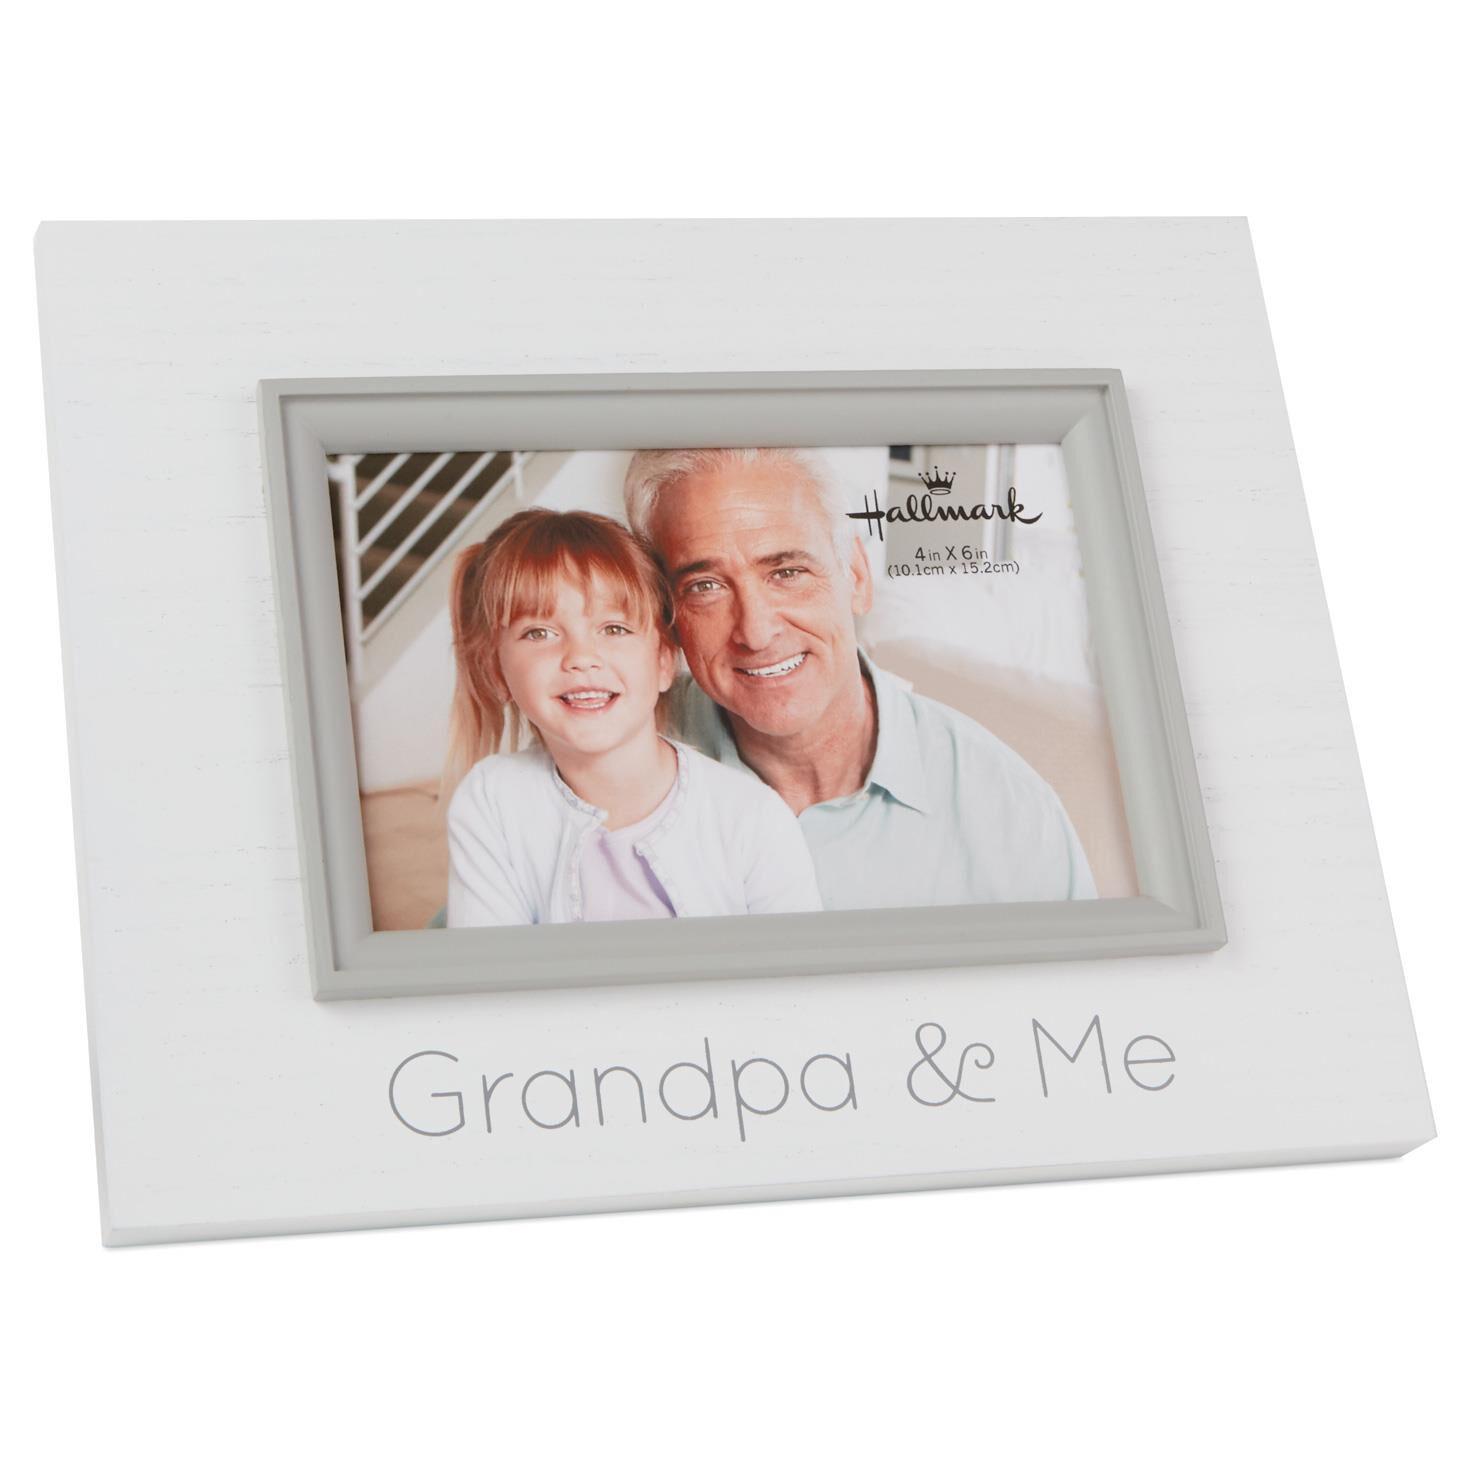 grandpa and me wood photo frame 4x6